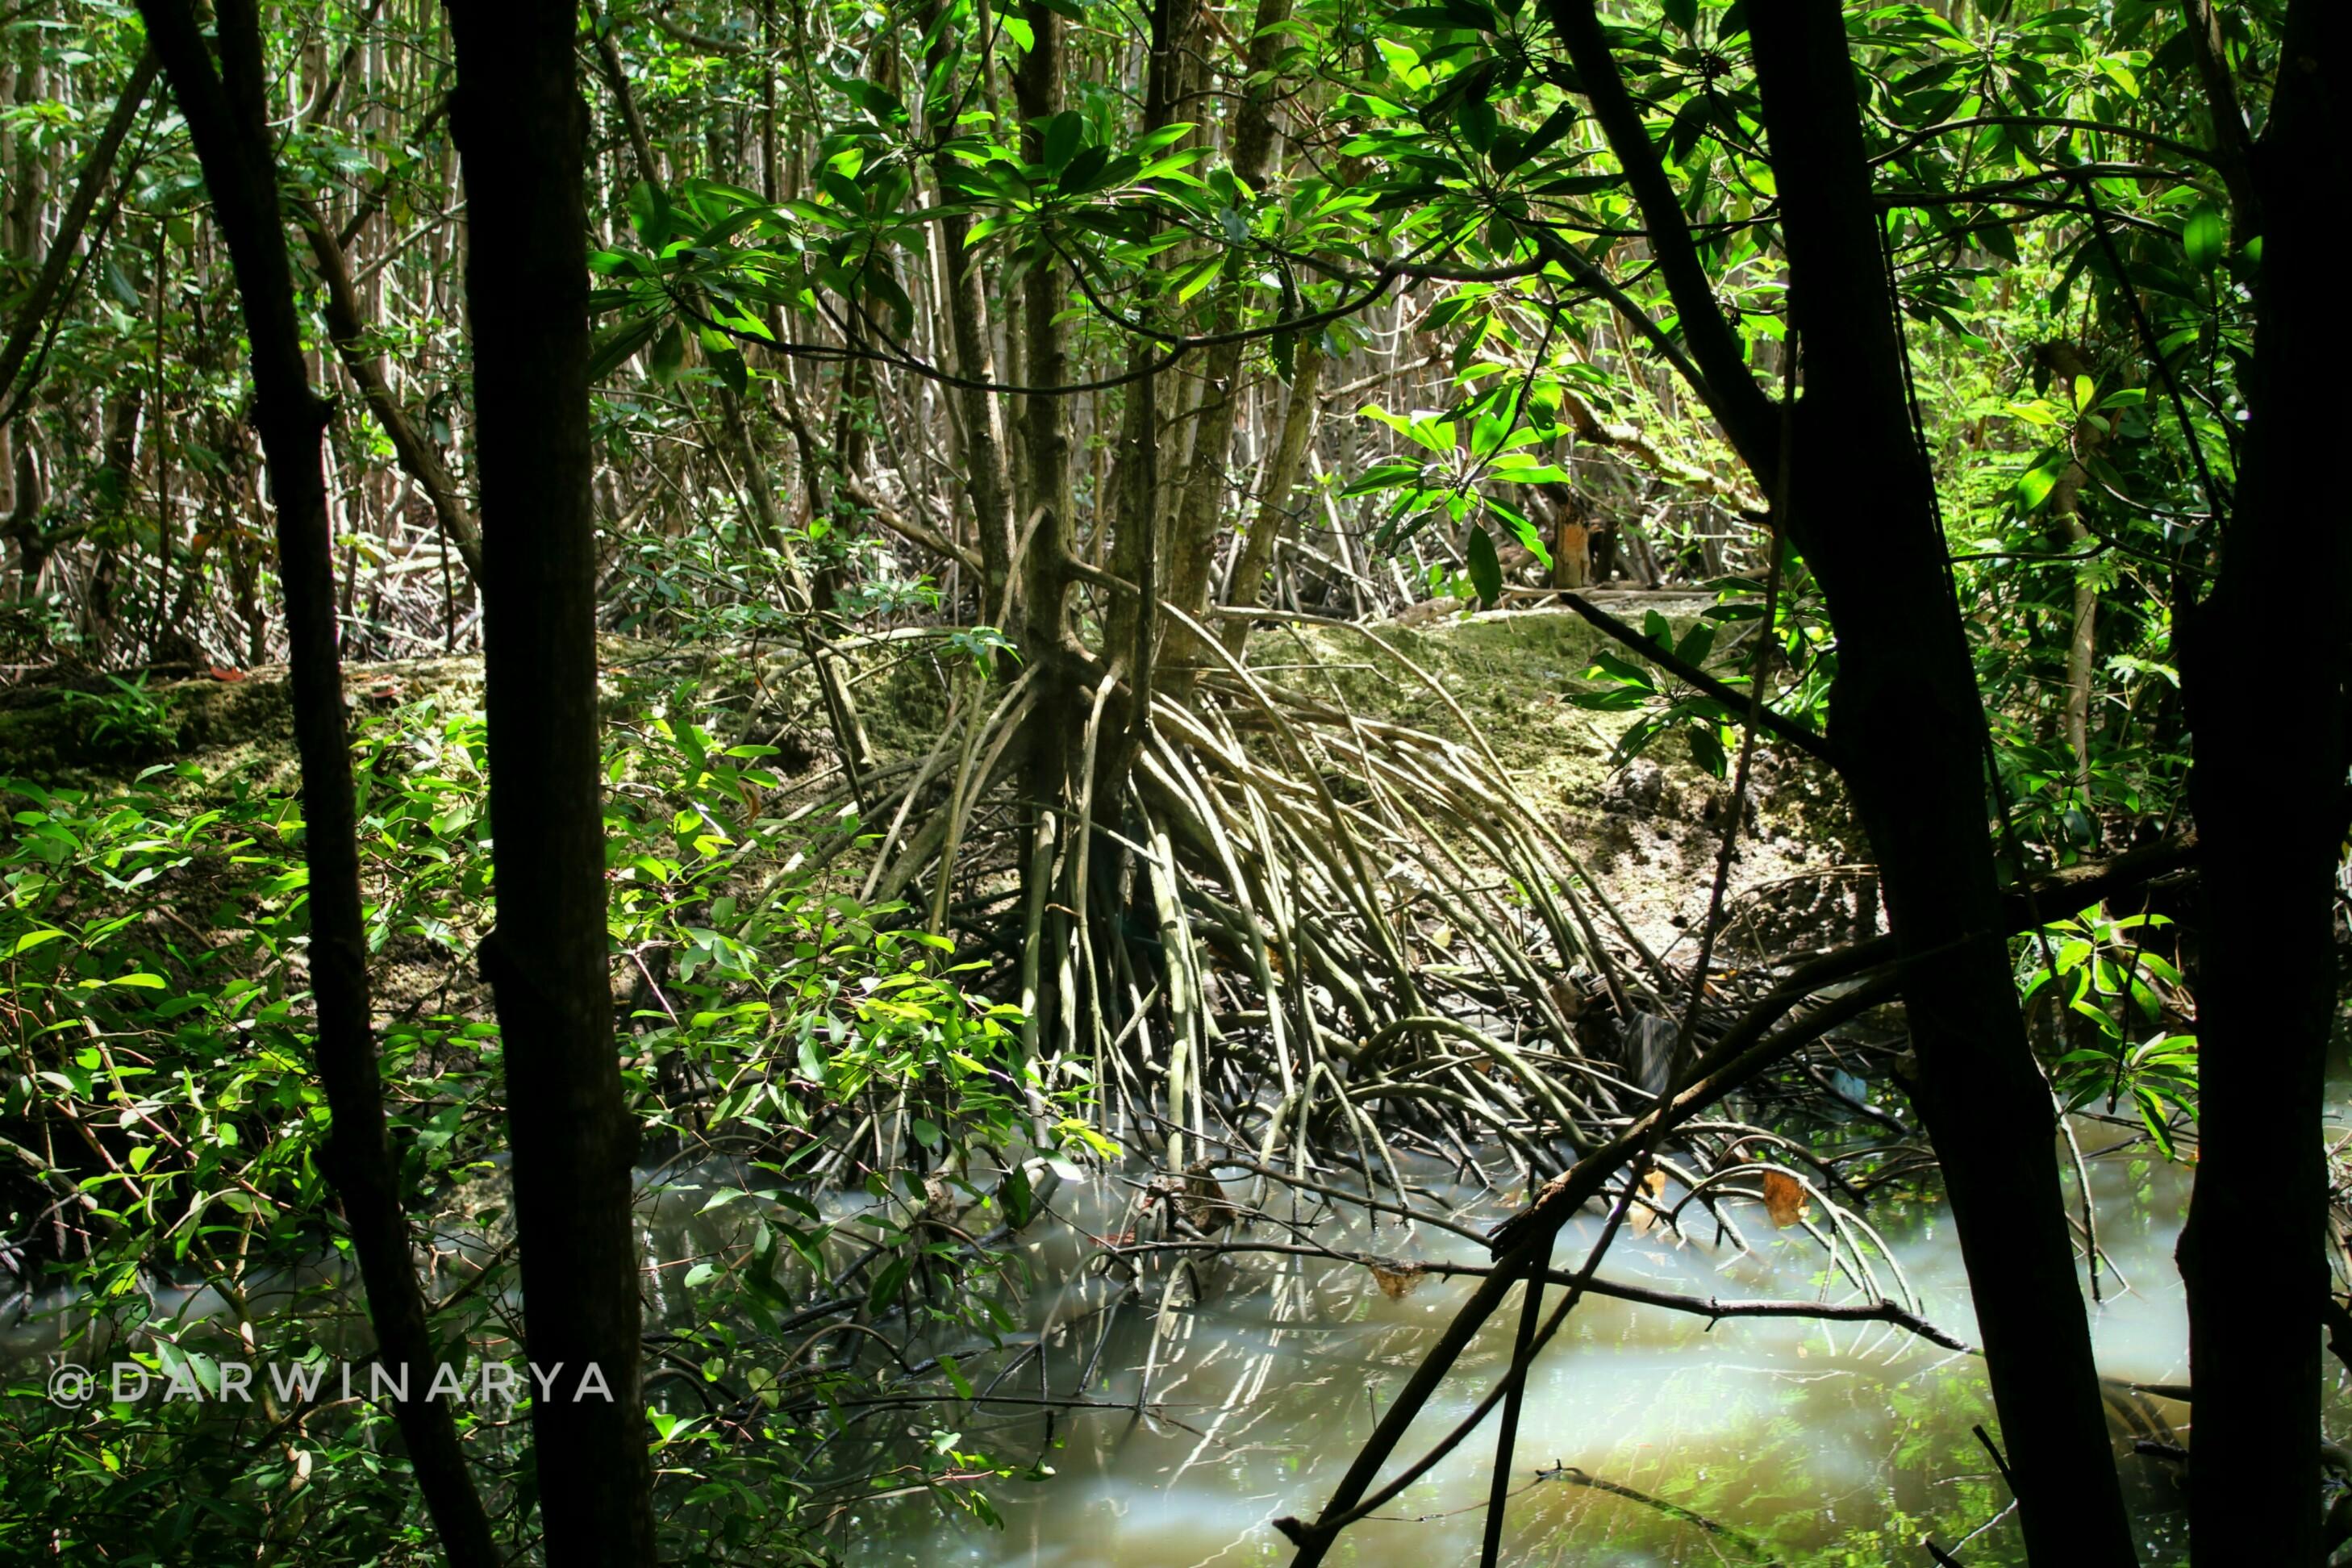 Salah Satu Pohon Mangrove. Akar-akarnya Mencengkram Bumi Kuat / dap